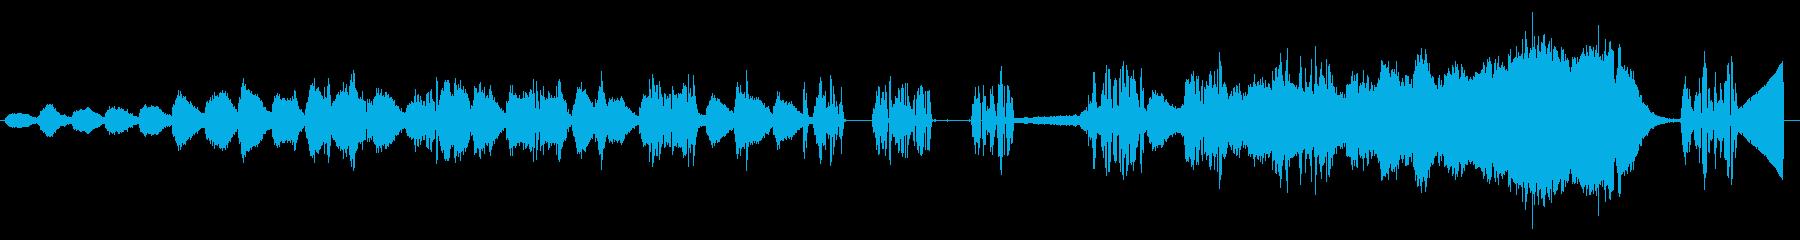 鞠の空想の再生済みの波形